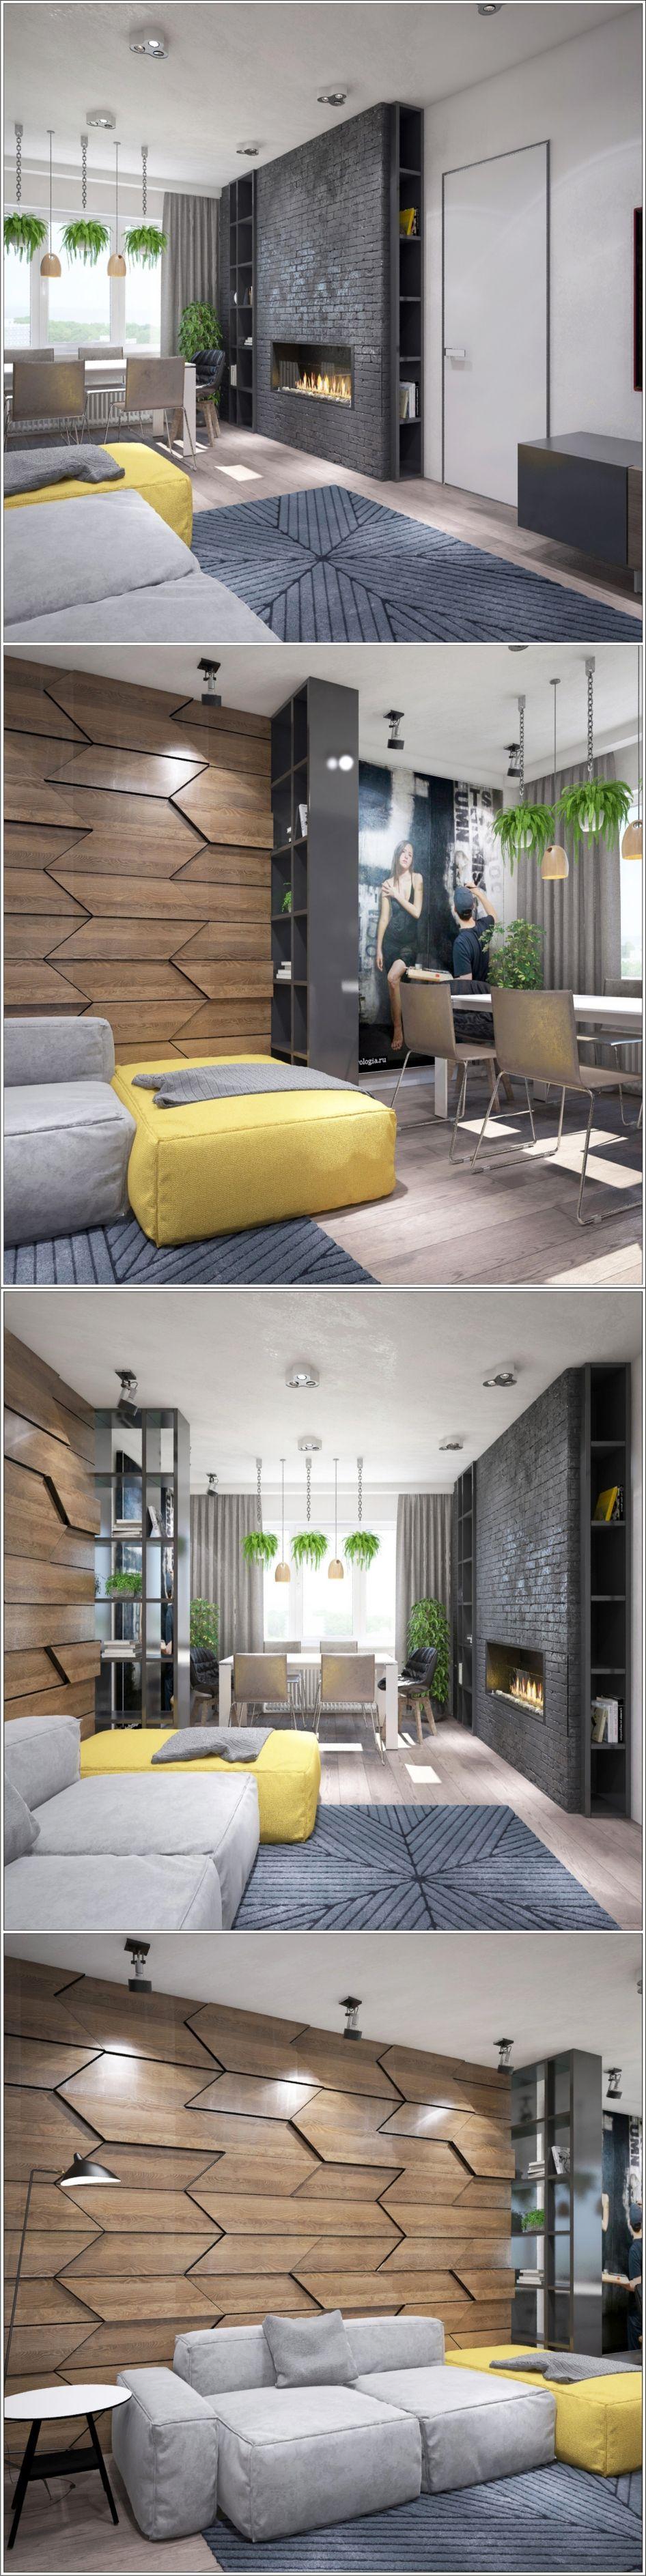 Интерьер гостиной в маленькой квартире: 150 оригинальных фото